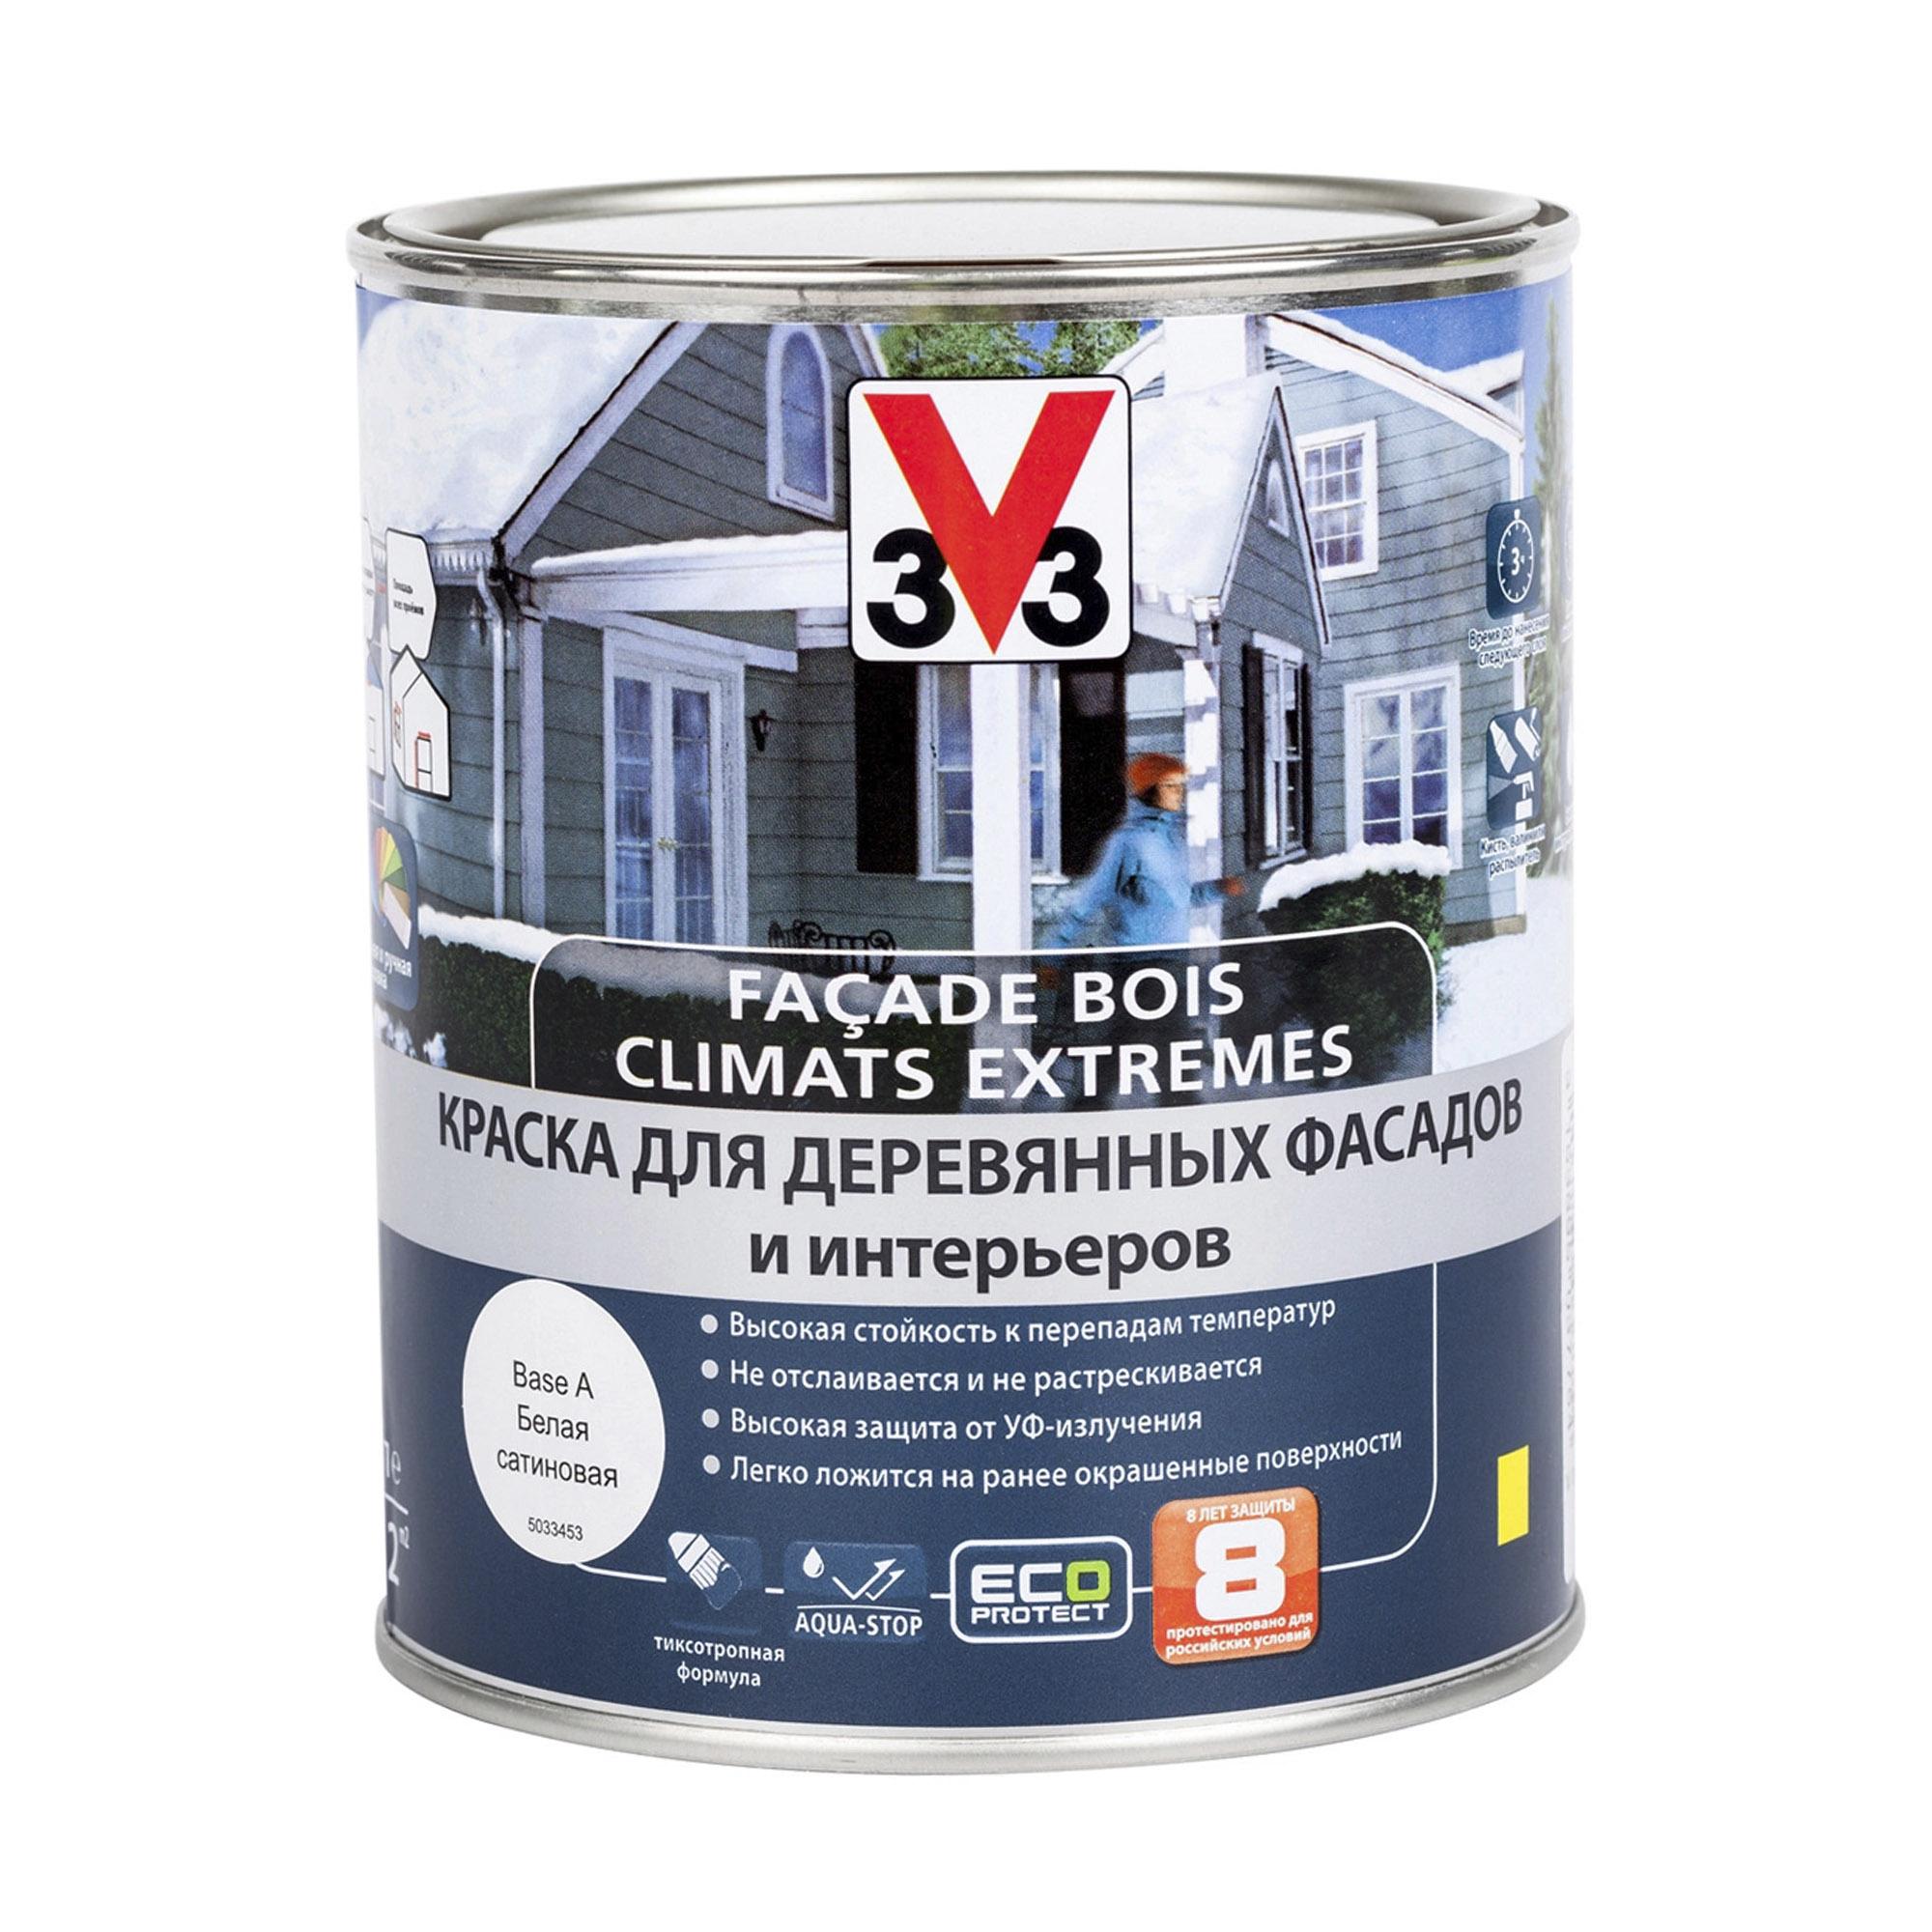 Краска V33 Facade Bois Climats Extremes для деревянных фасадов и интерьеров База А 1 л